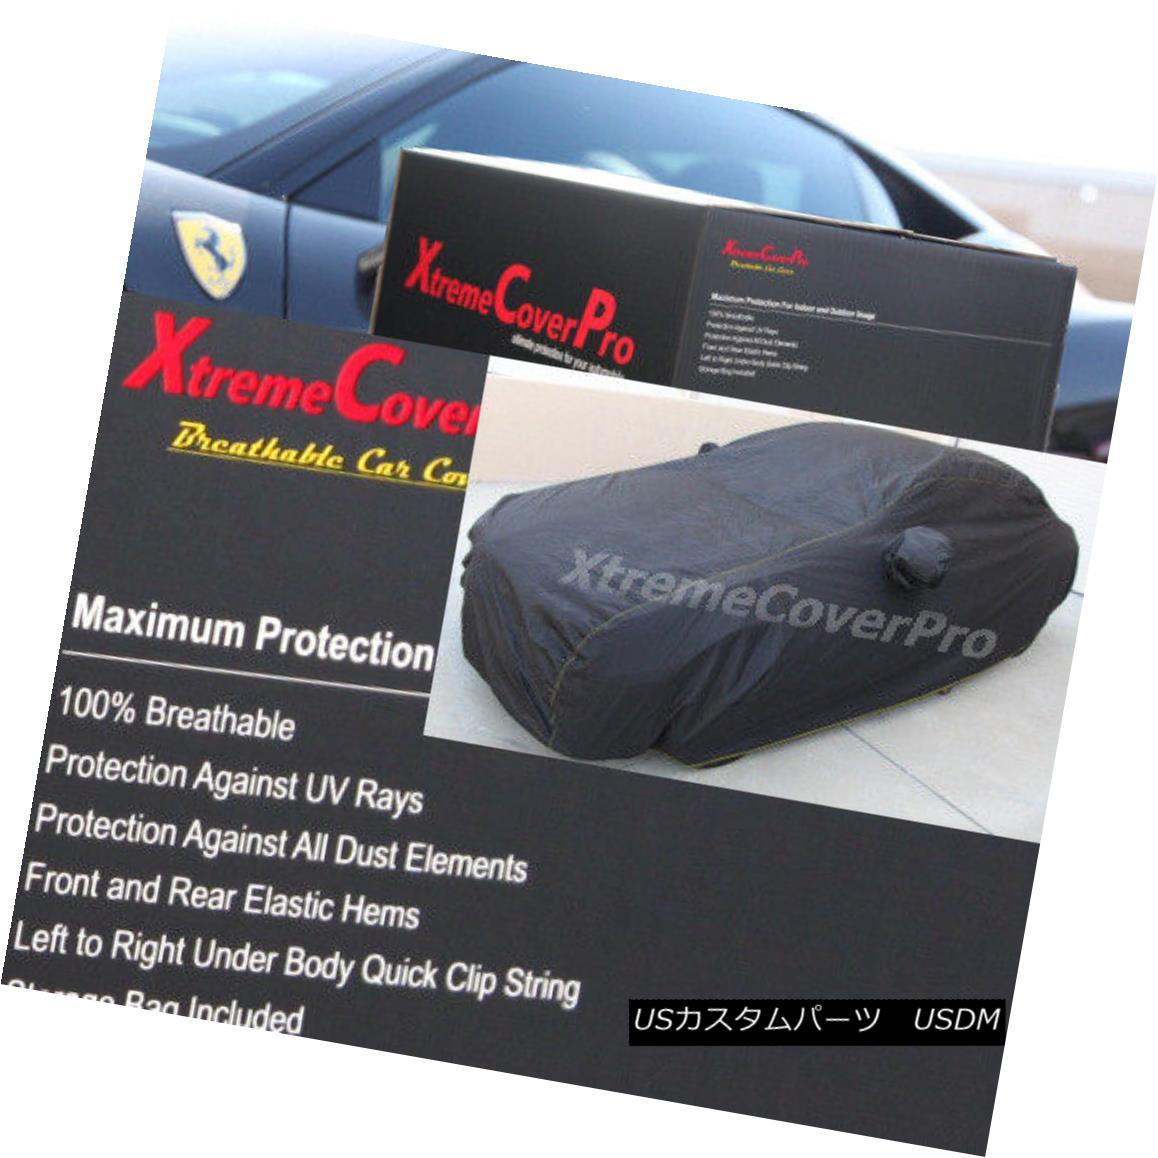 カーカバー BREATHABLE CAR COVER W/MIRRORPOCKET-BLACK FOR 2018 2017 2016 HYUNDAI ELANTRA 2018年の2017年の2016年のためのBREATHABLE車カバー/ミラーポケット -BLACK HYUNDAI ELANTRA